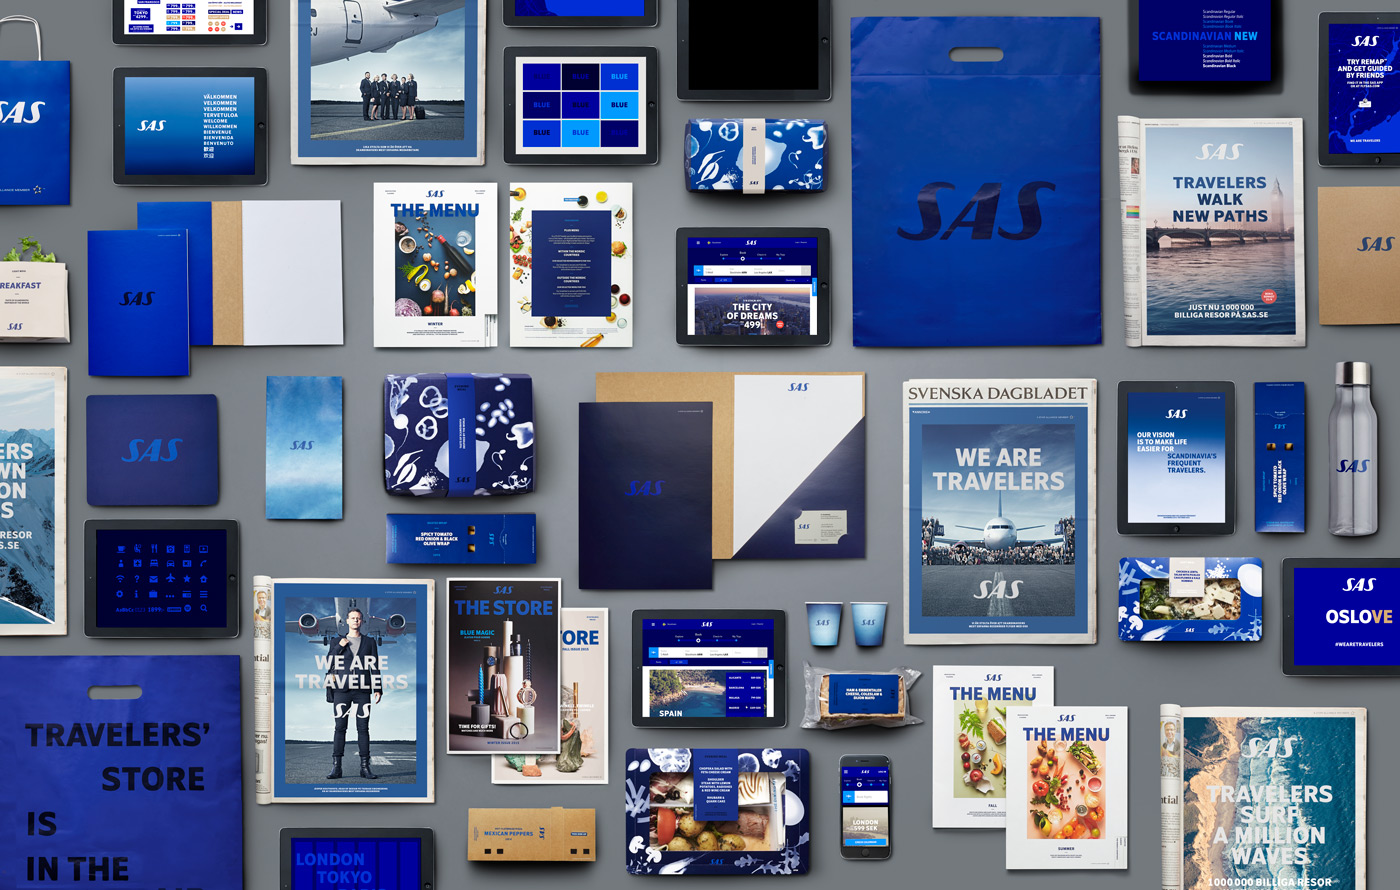 Scandinavian Airlines Rebrand material